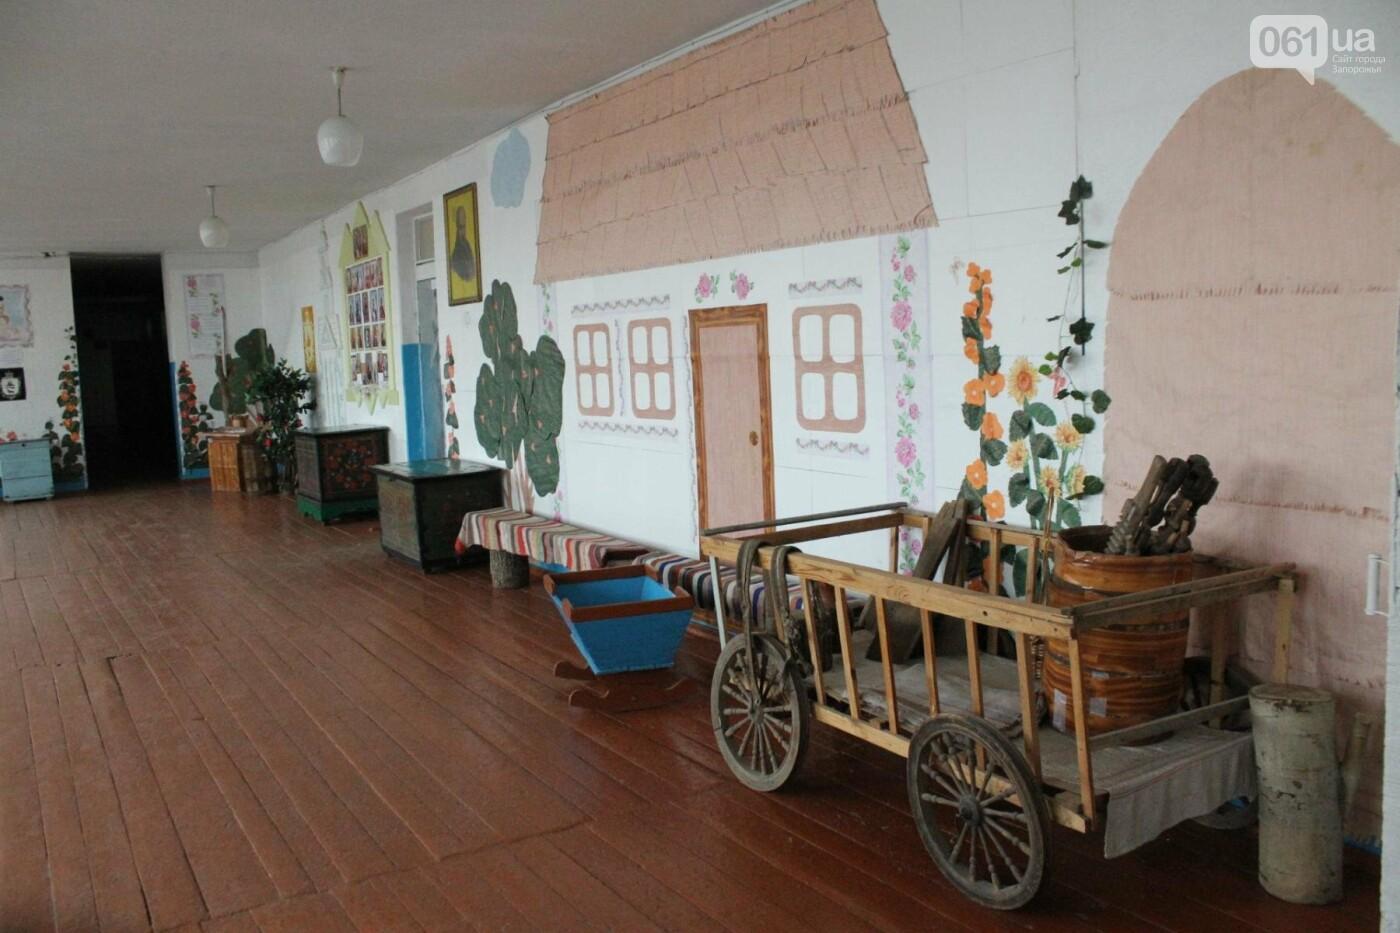 Село, що оживає: як Воскресенська територіальна громада живе після об'єднання, - ФОТОРЕПОРТАЖ, фото-27